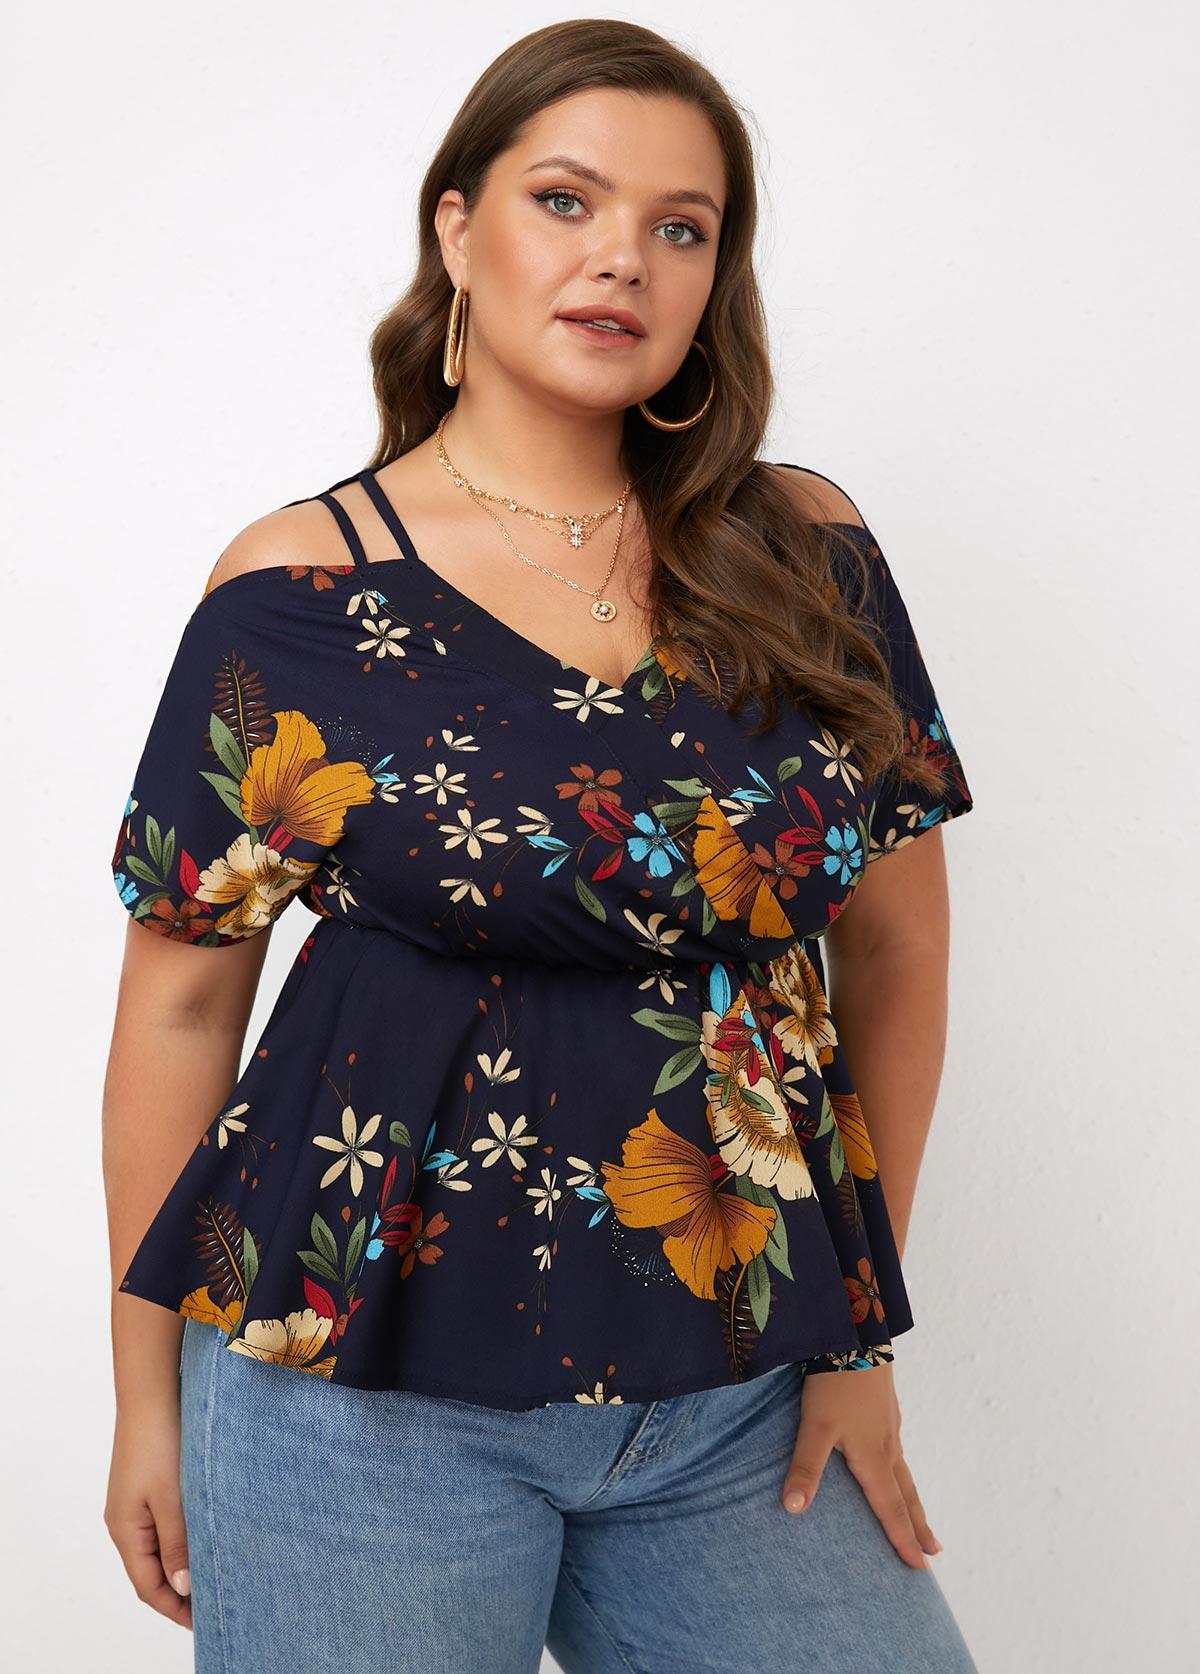 Floral Print Plus Size Short Sleeve Blouse